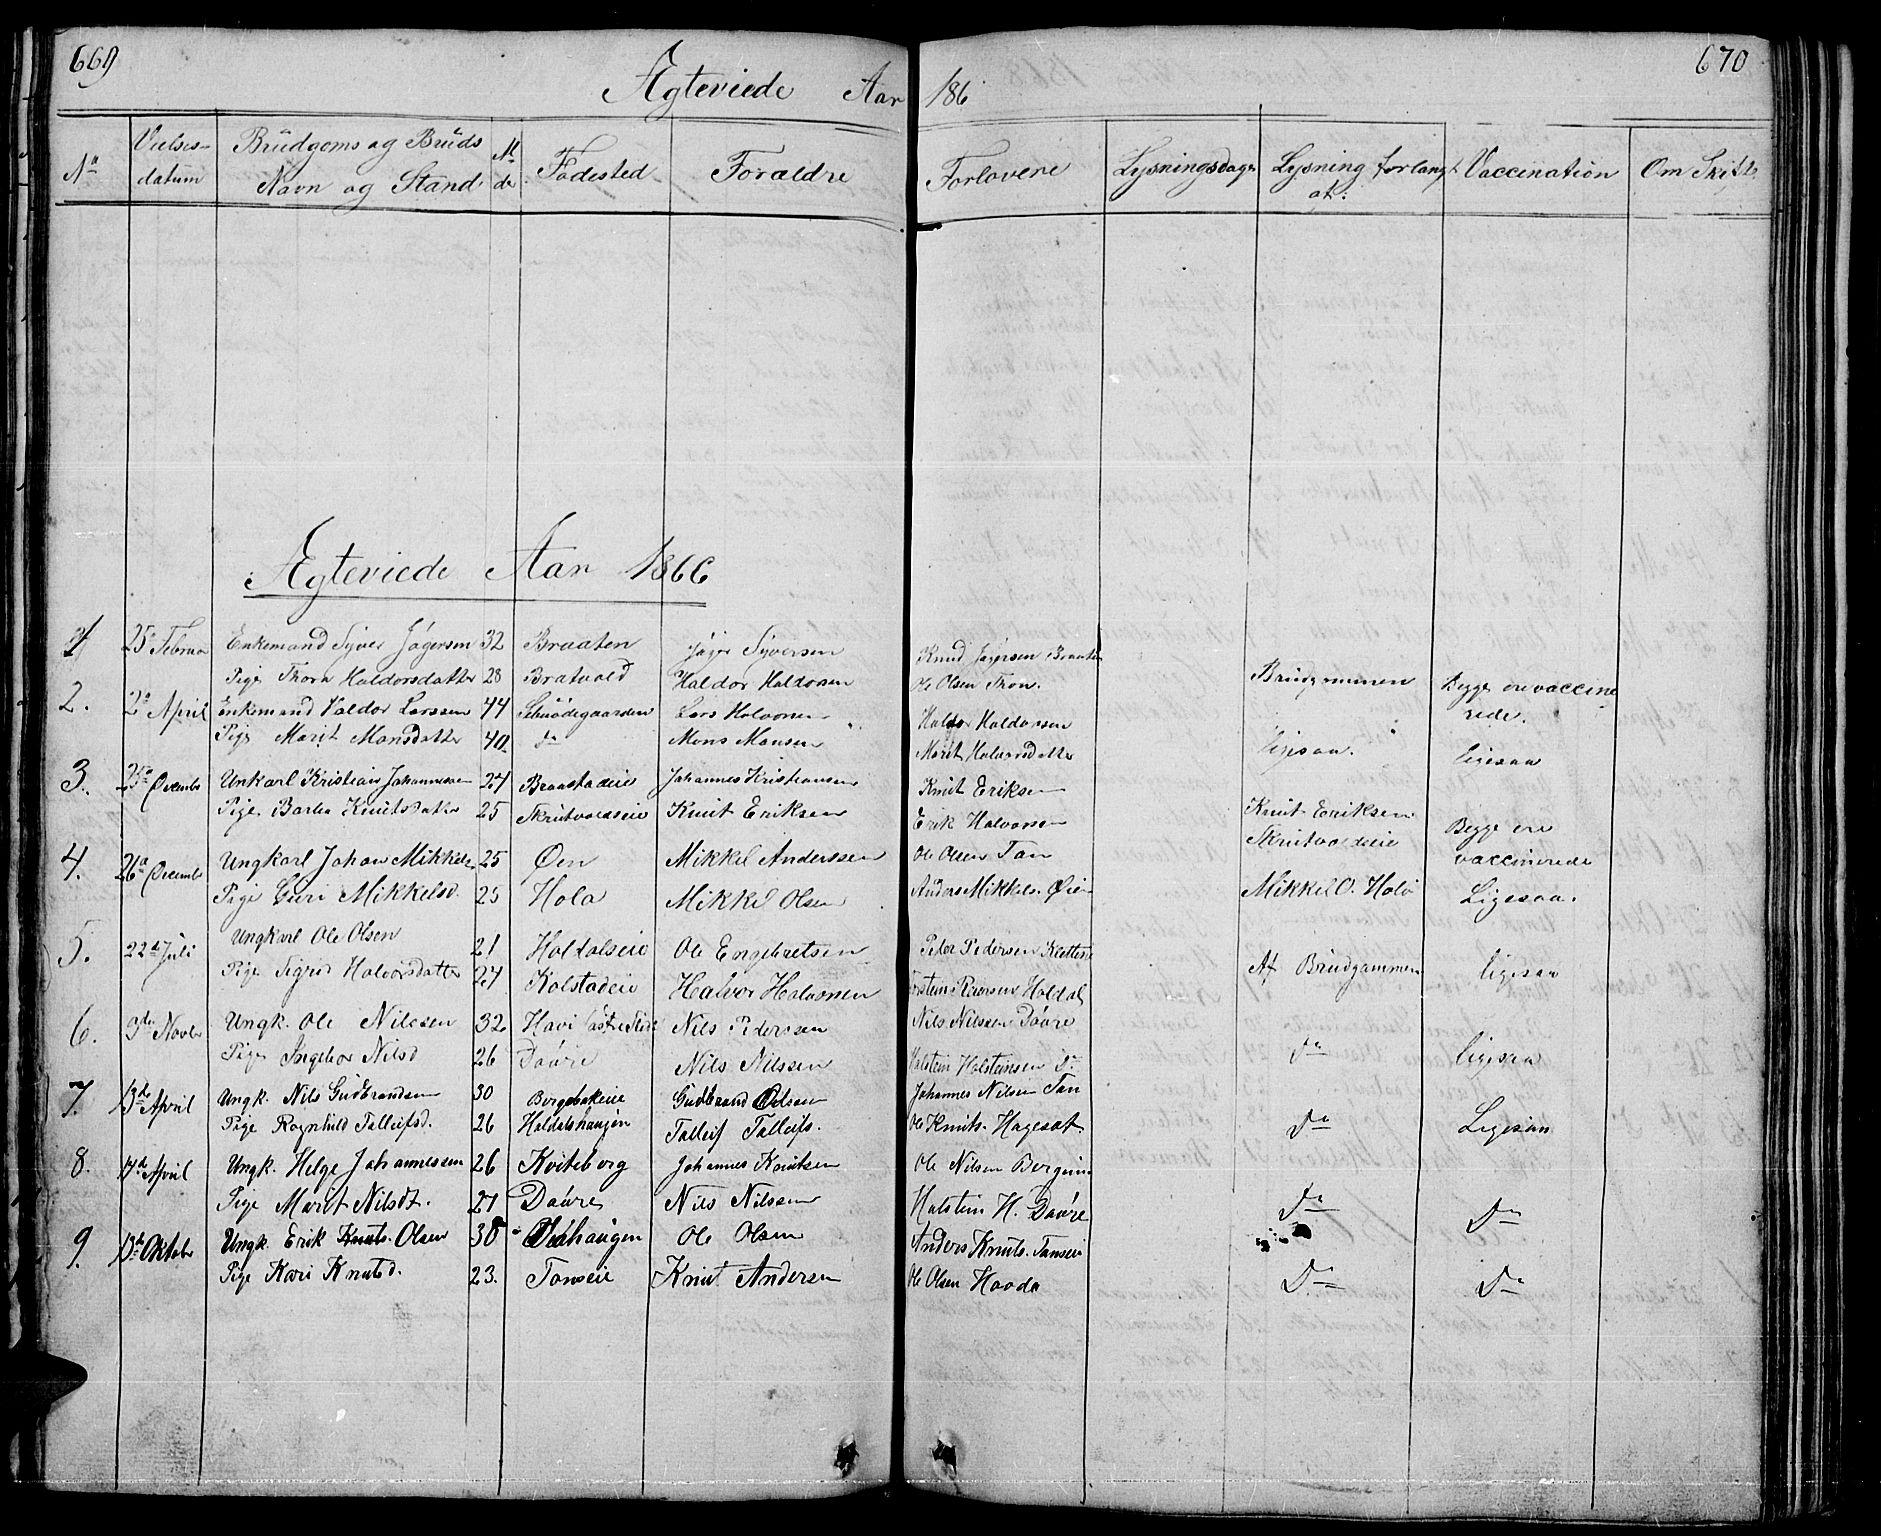 SAH, Nord-Aurdal prestekontor, Klokkerbok nr. 1, 1834-1887, s. 669-670